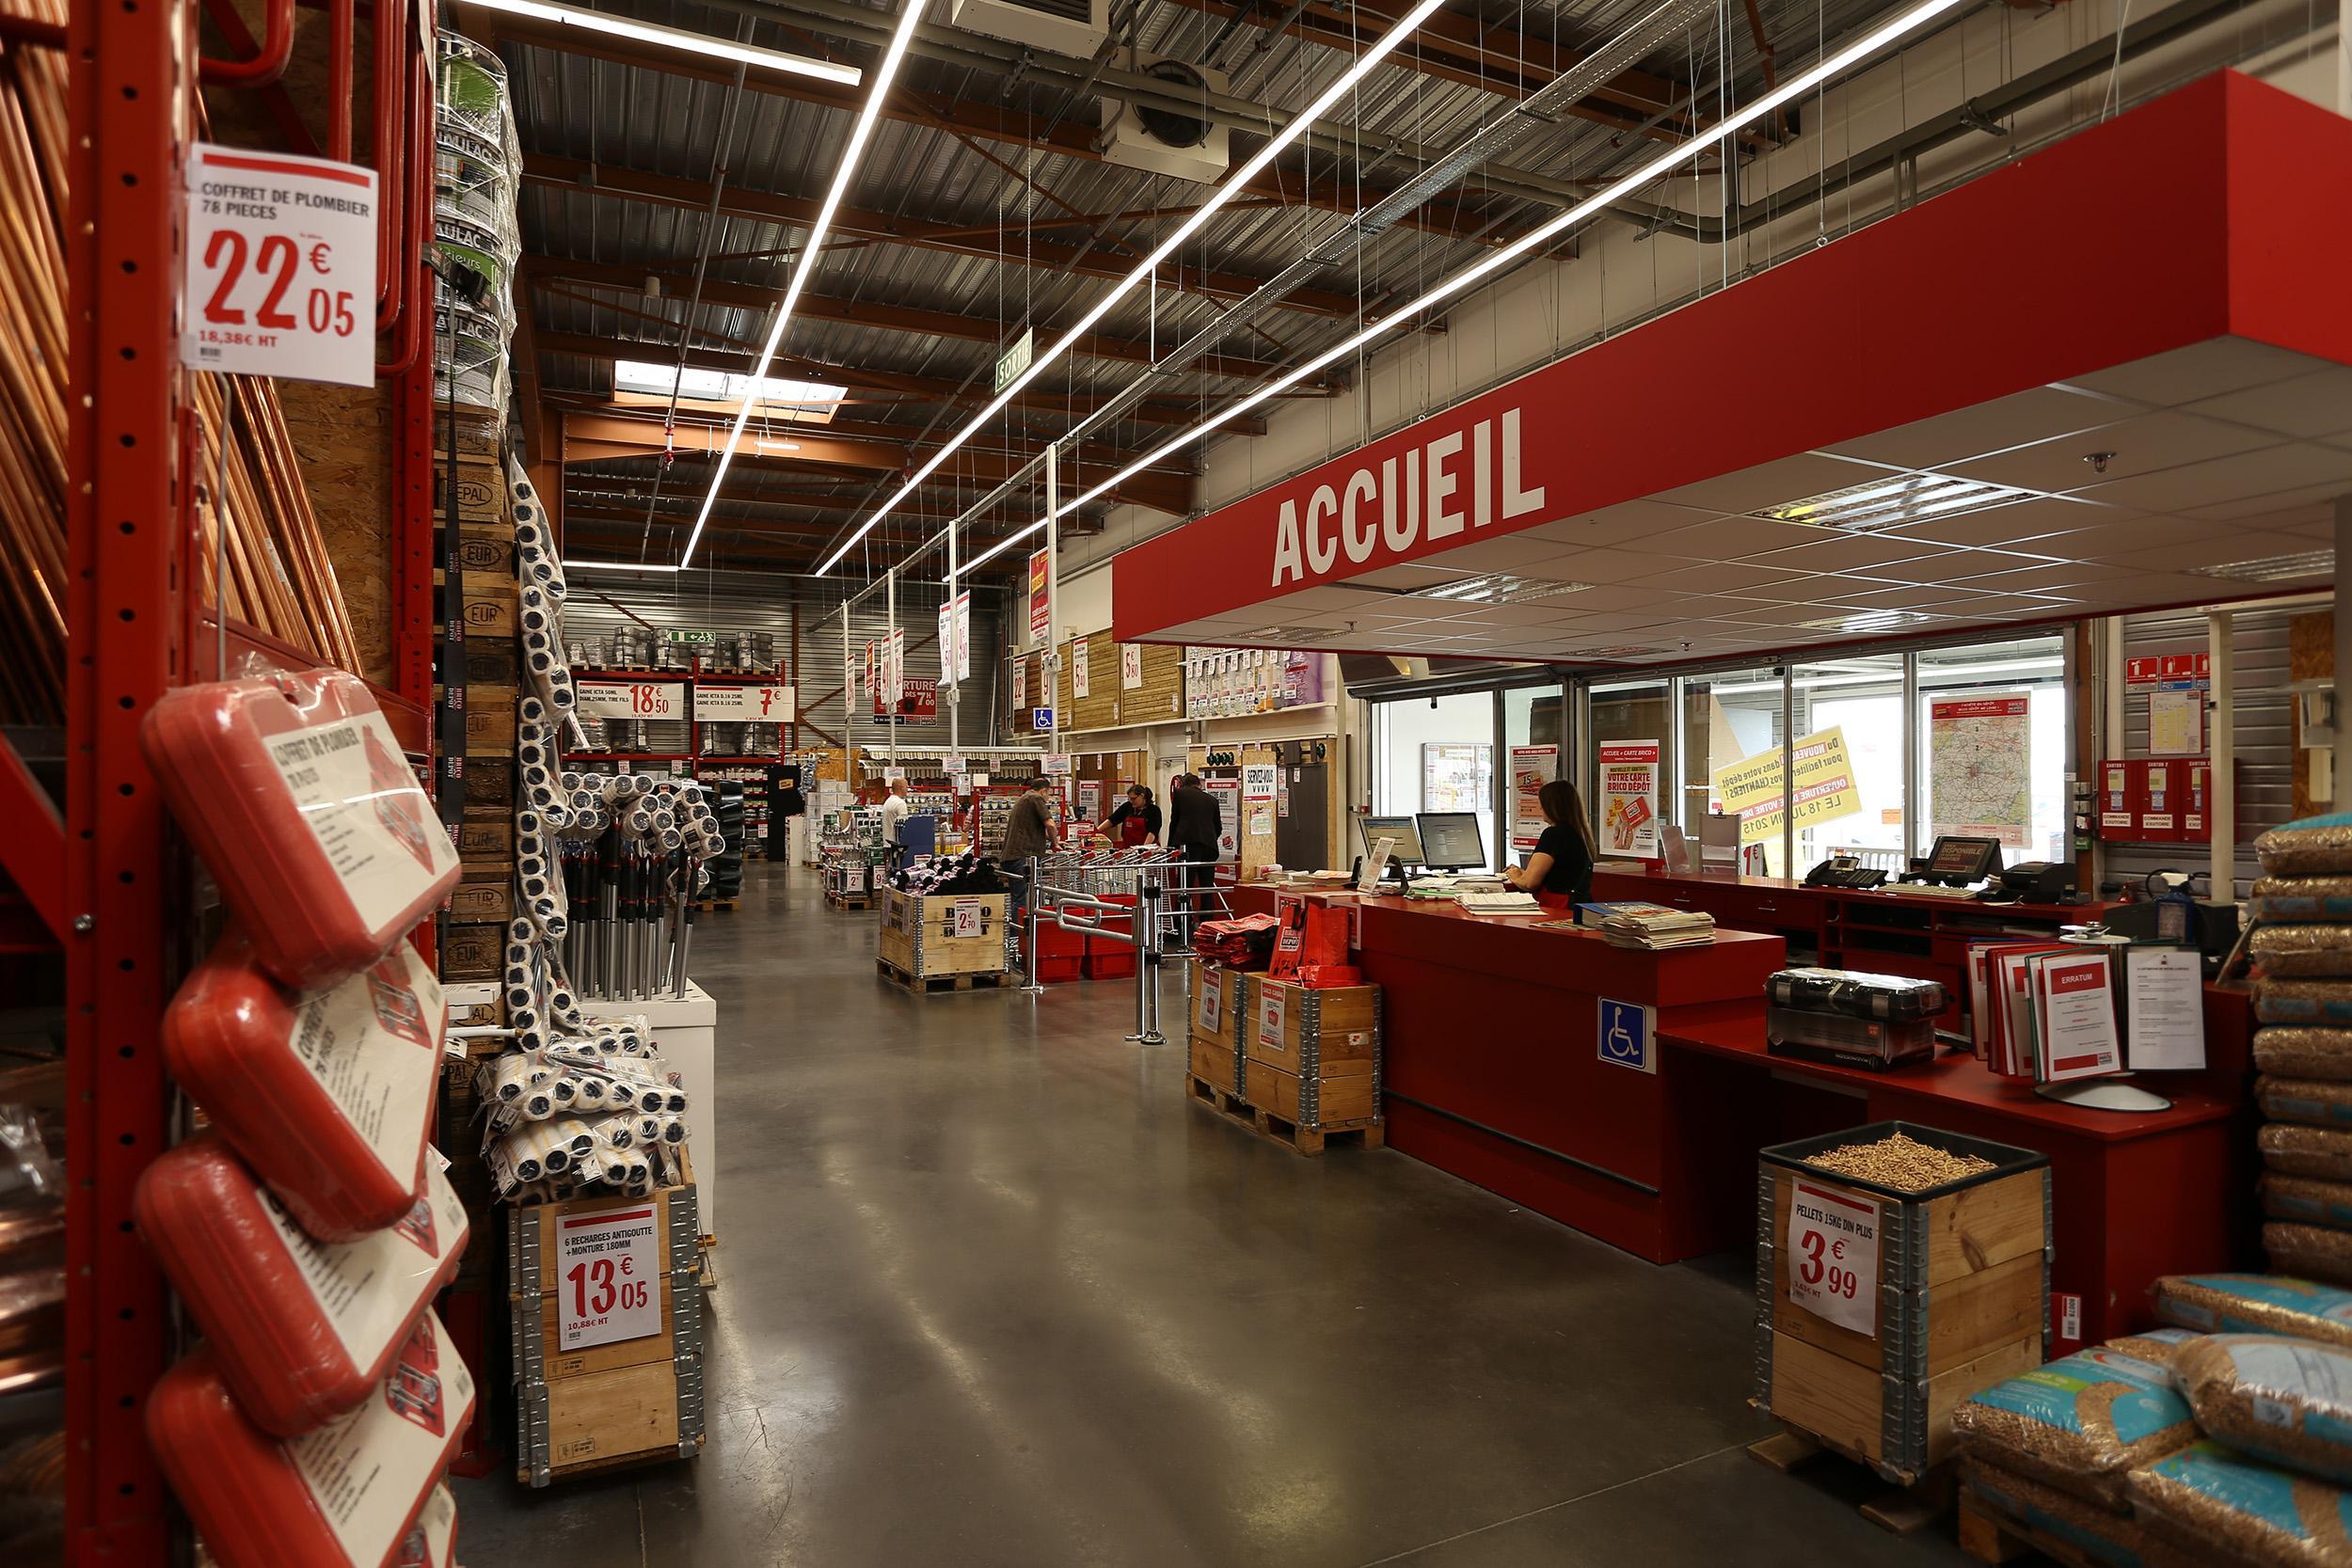 Meuble Salle De Bain Brico Depot Nice ~ brico d p t cesson s vign rennes magasins de bricolage rennes